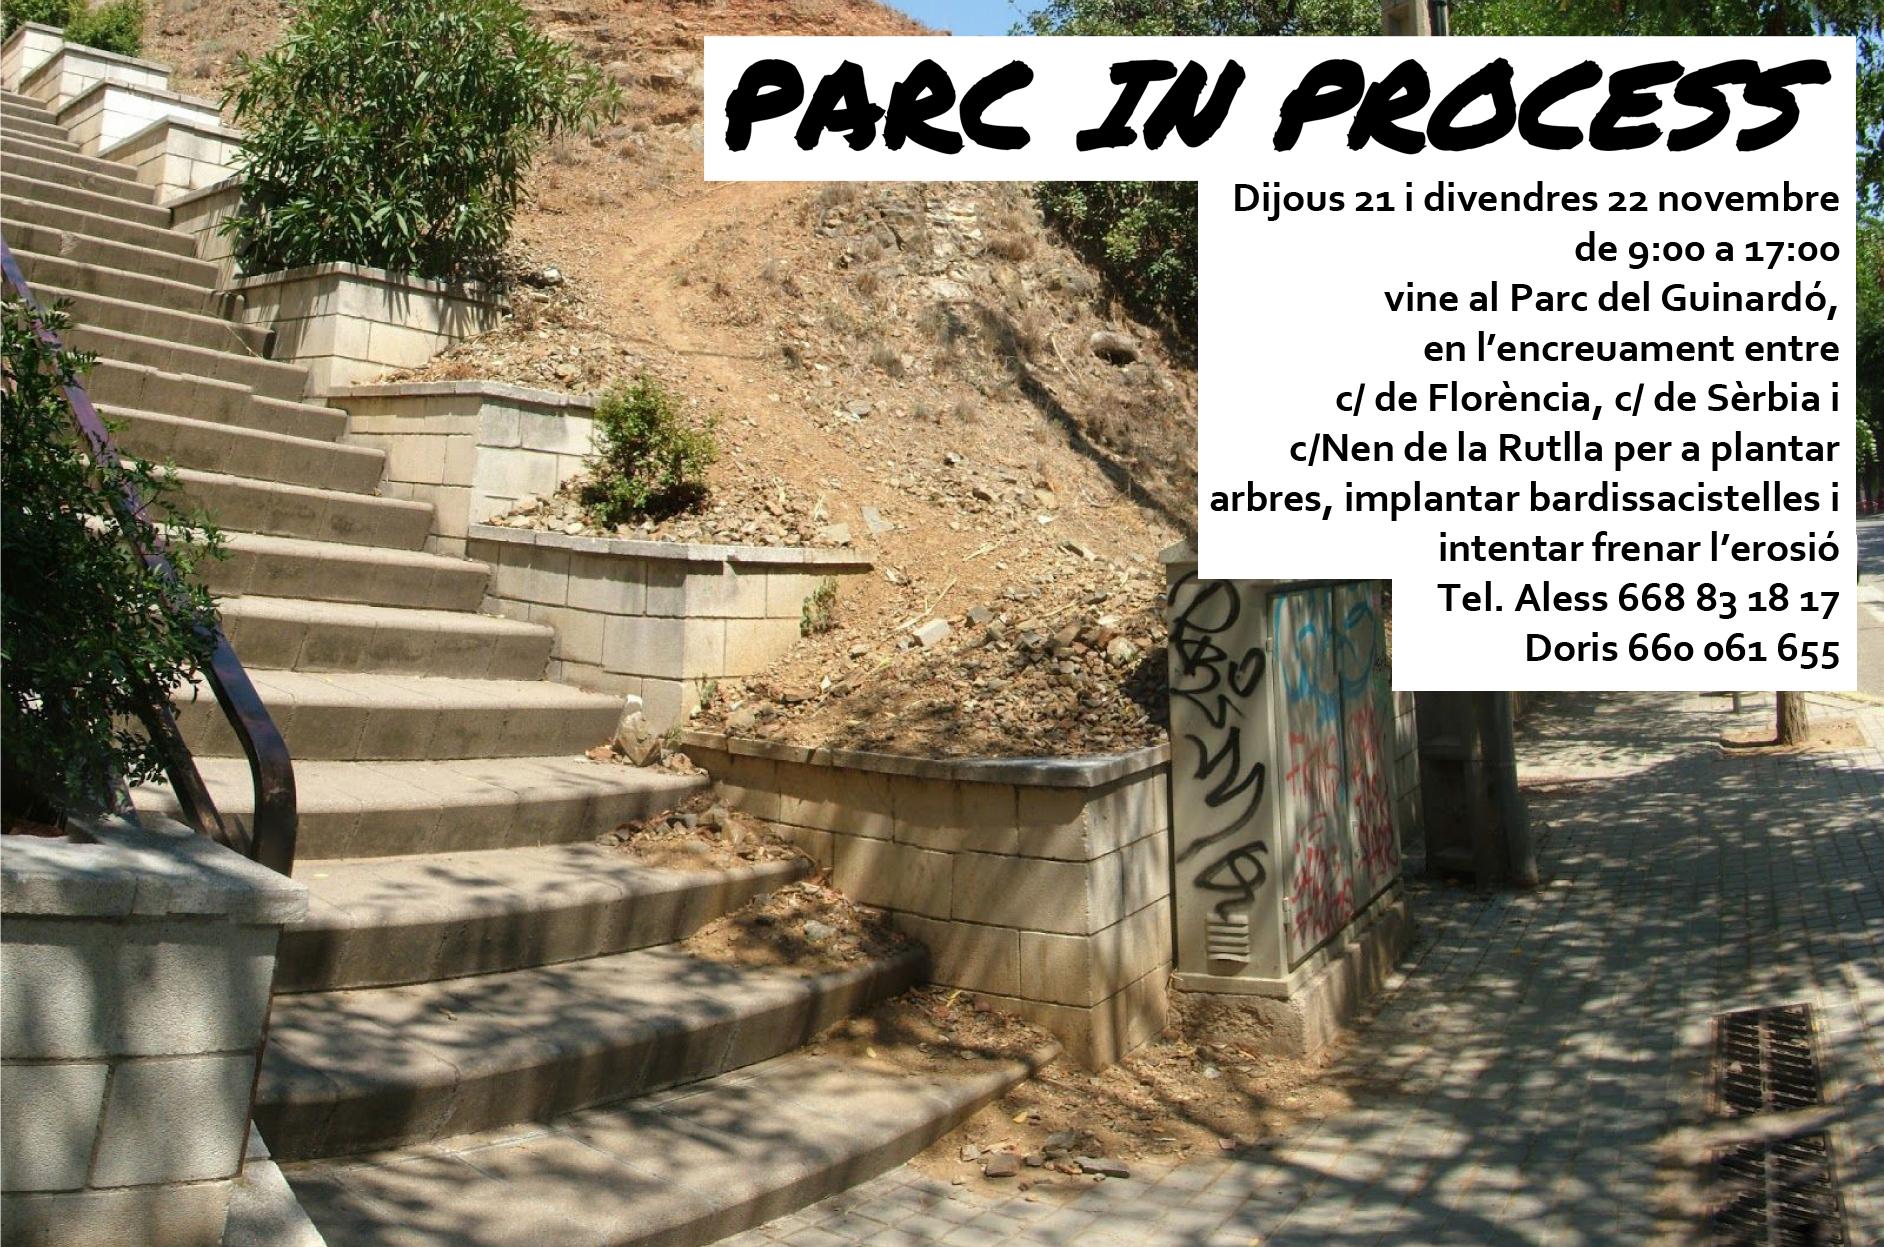 Parc in Process – Crida a l'acció